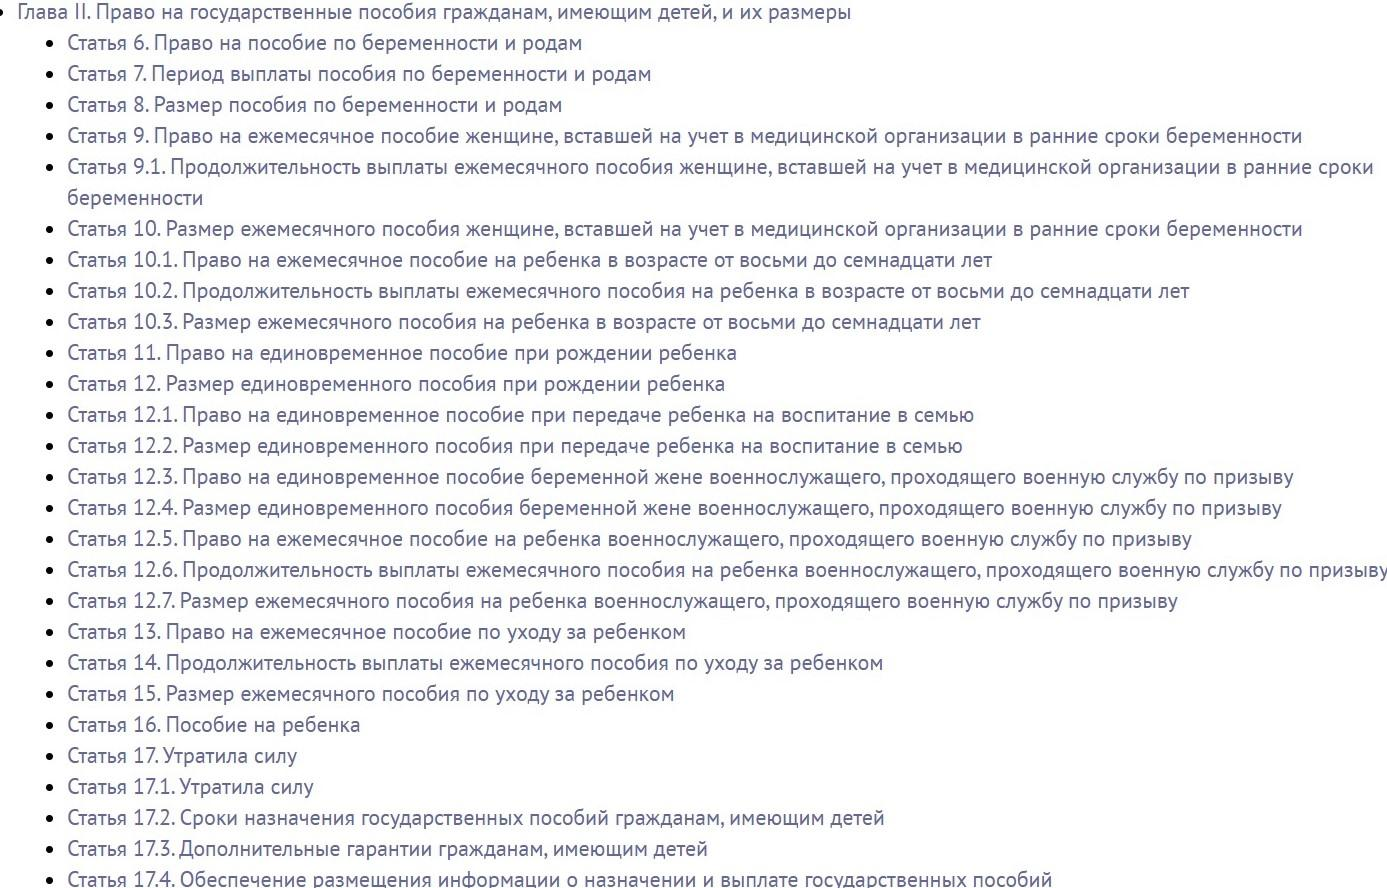 Фото Выплата 85 тысяч рублей женщинам, родившим первого ребенка от 18 до 24 лет – как оформить пособие через портал Госуслуг 3